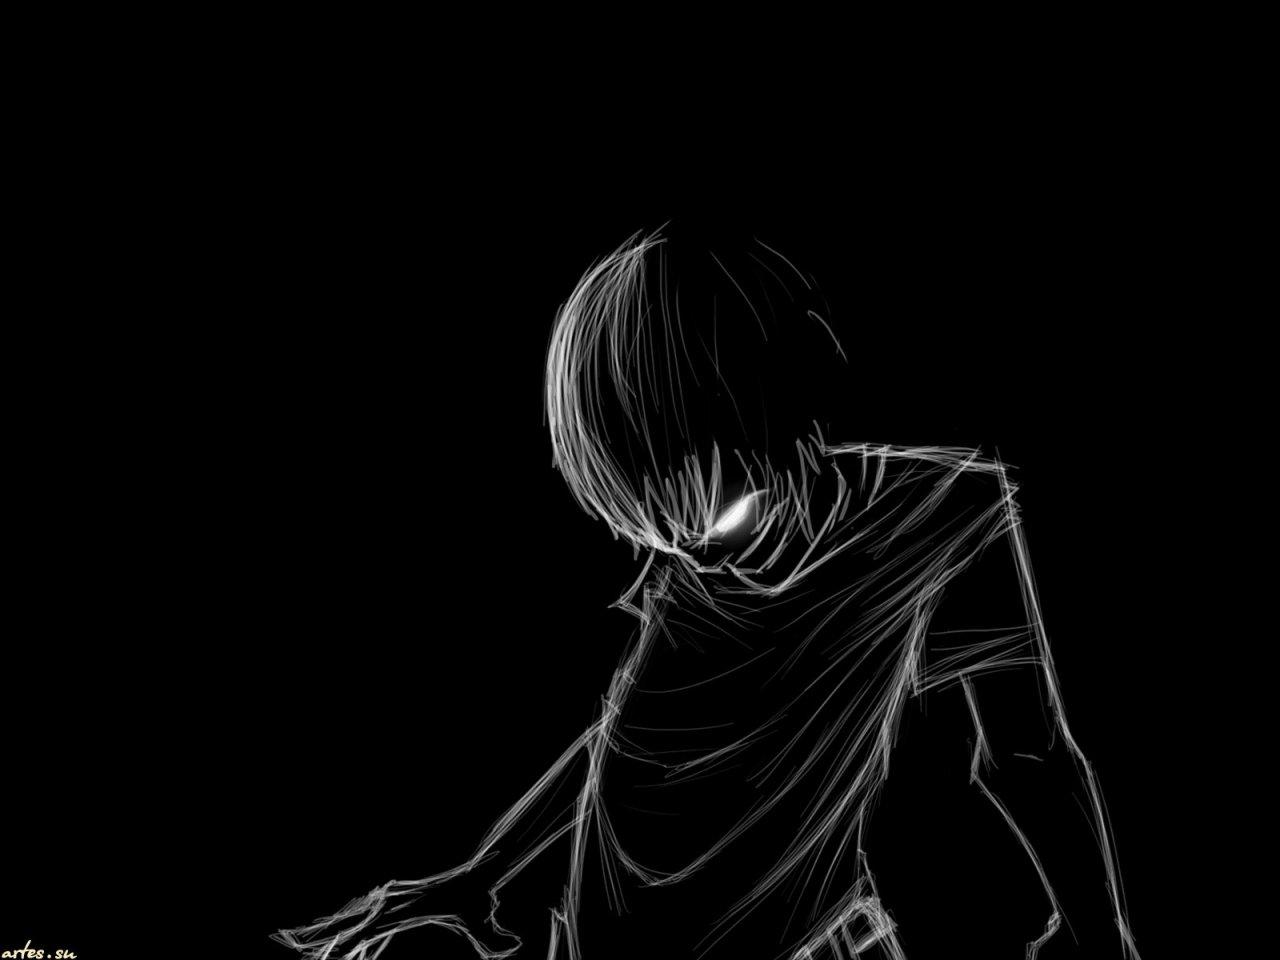 черно белые фото скачать